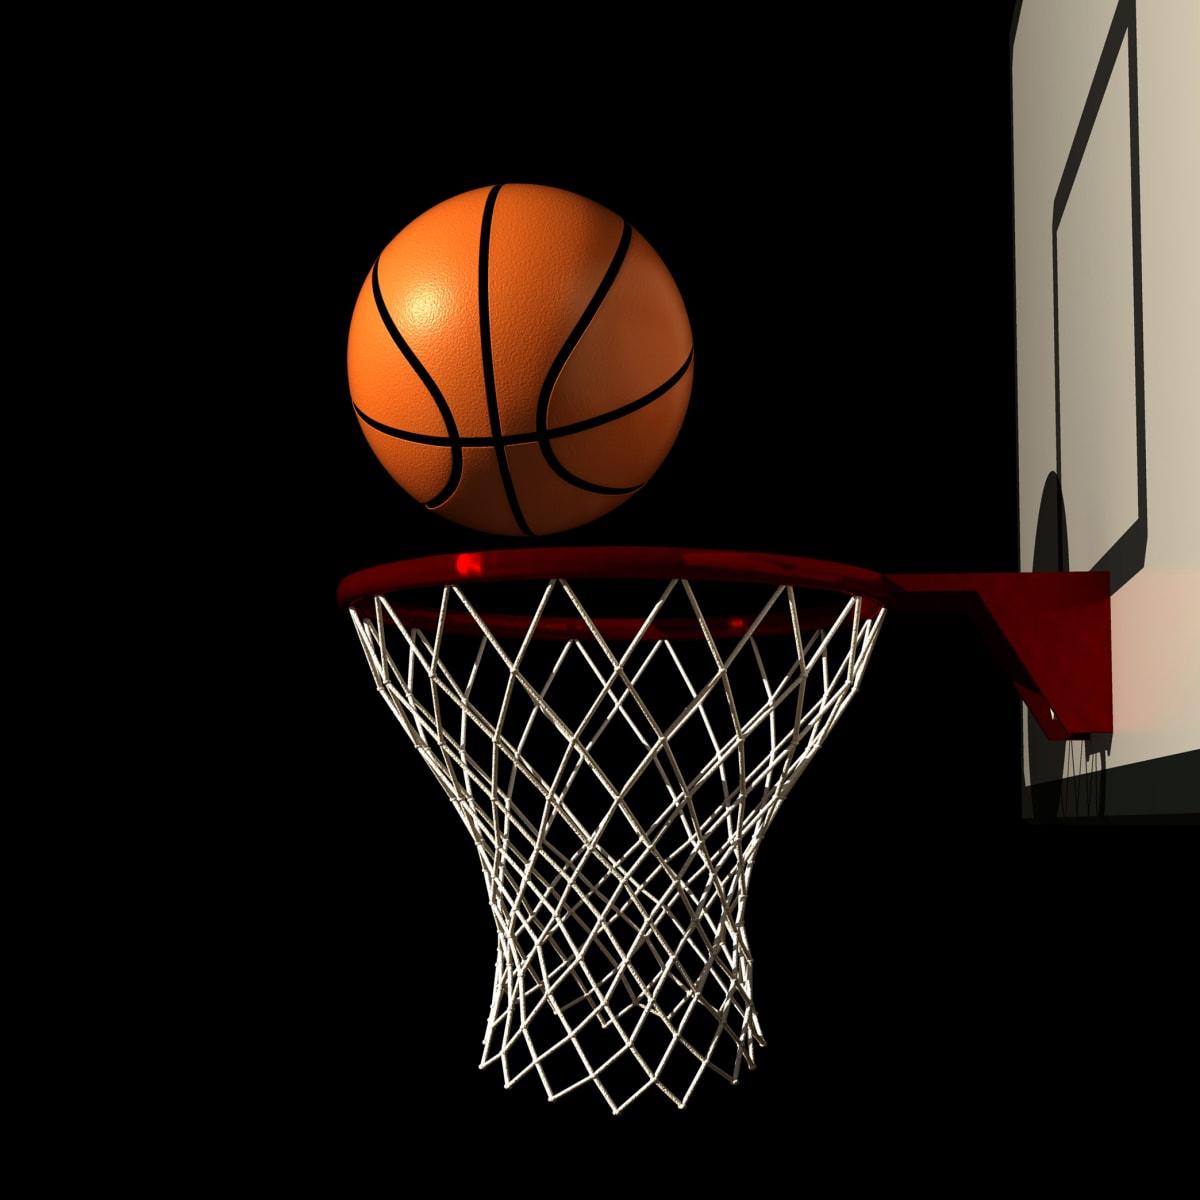 فوائد كرة السلة للطول